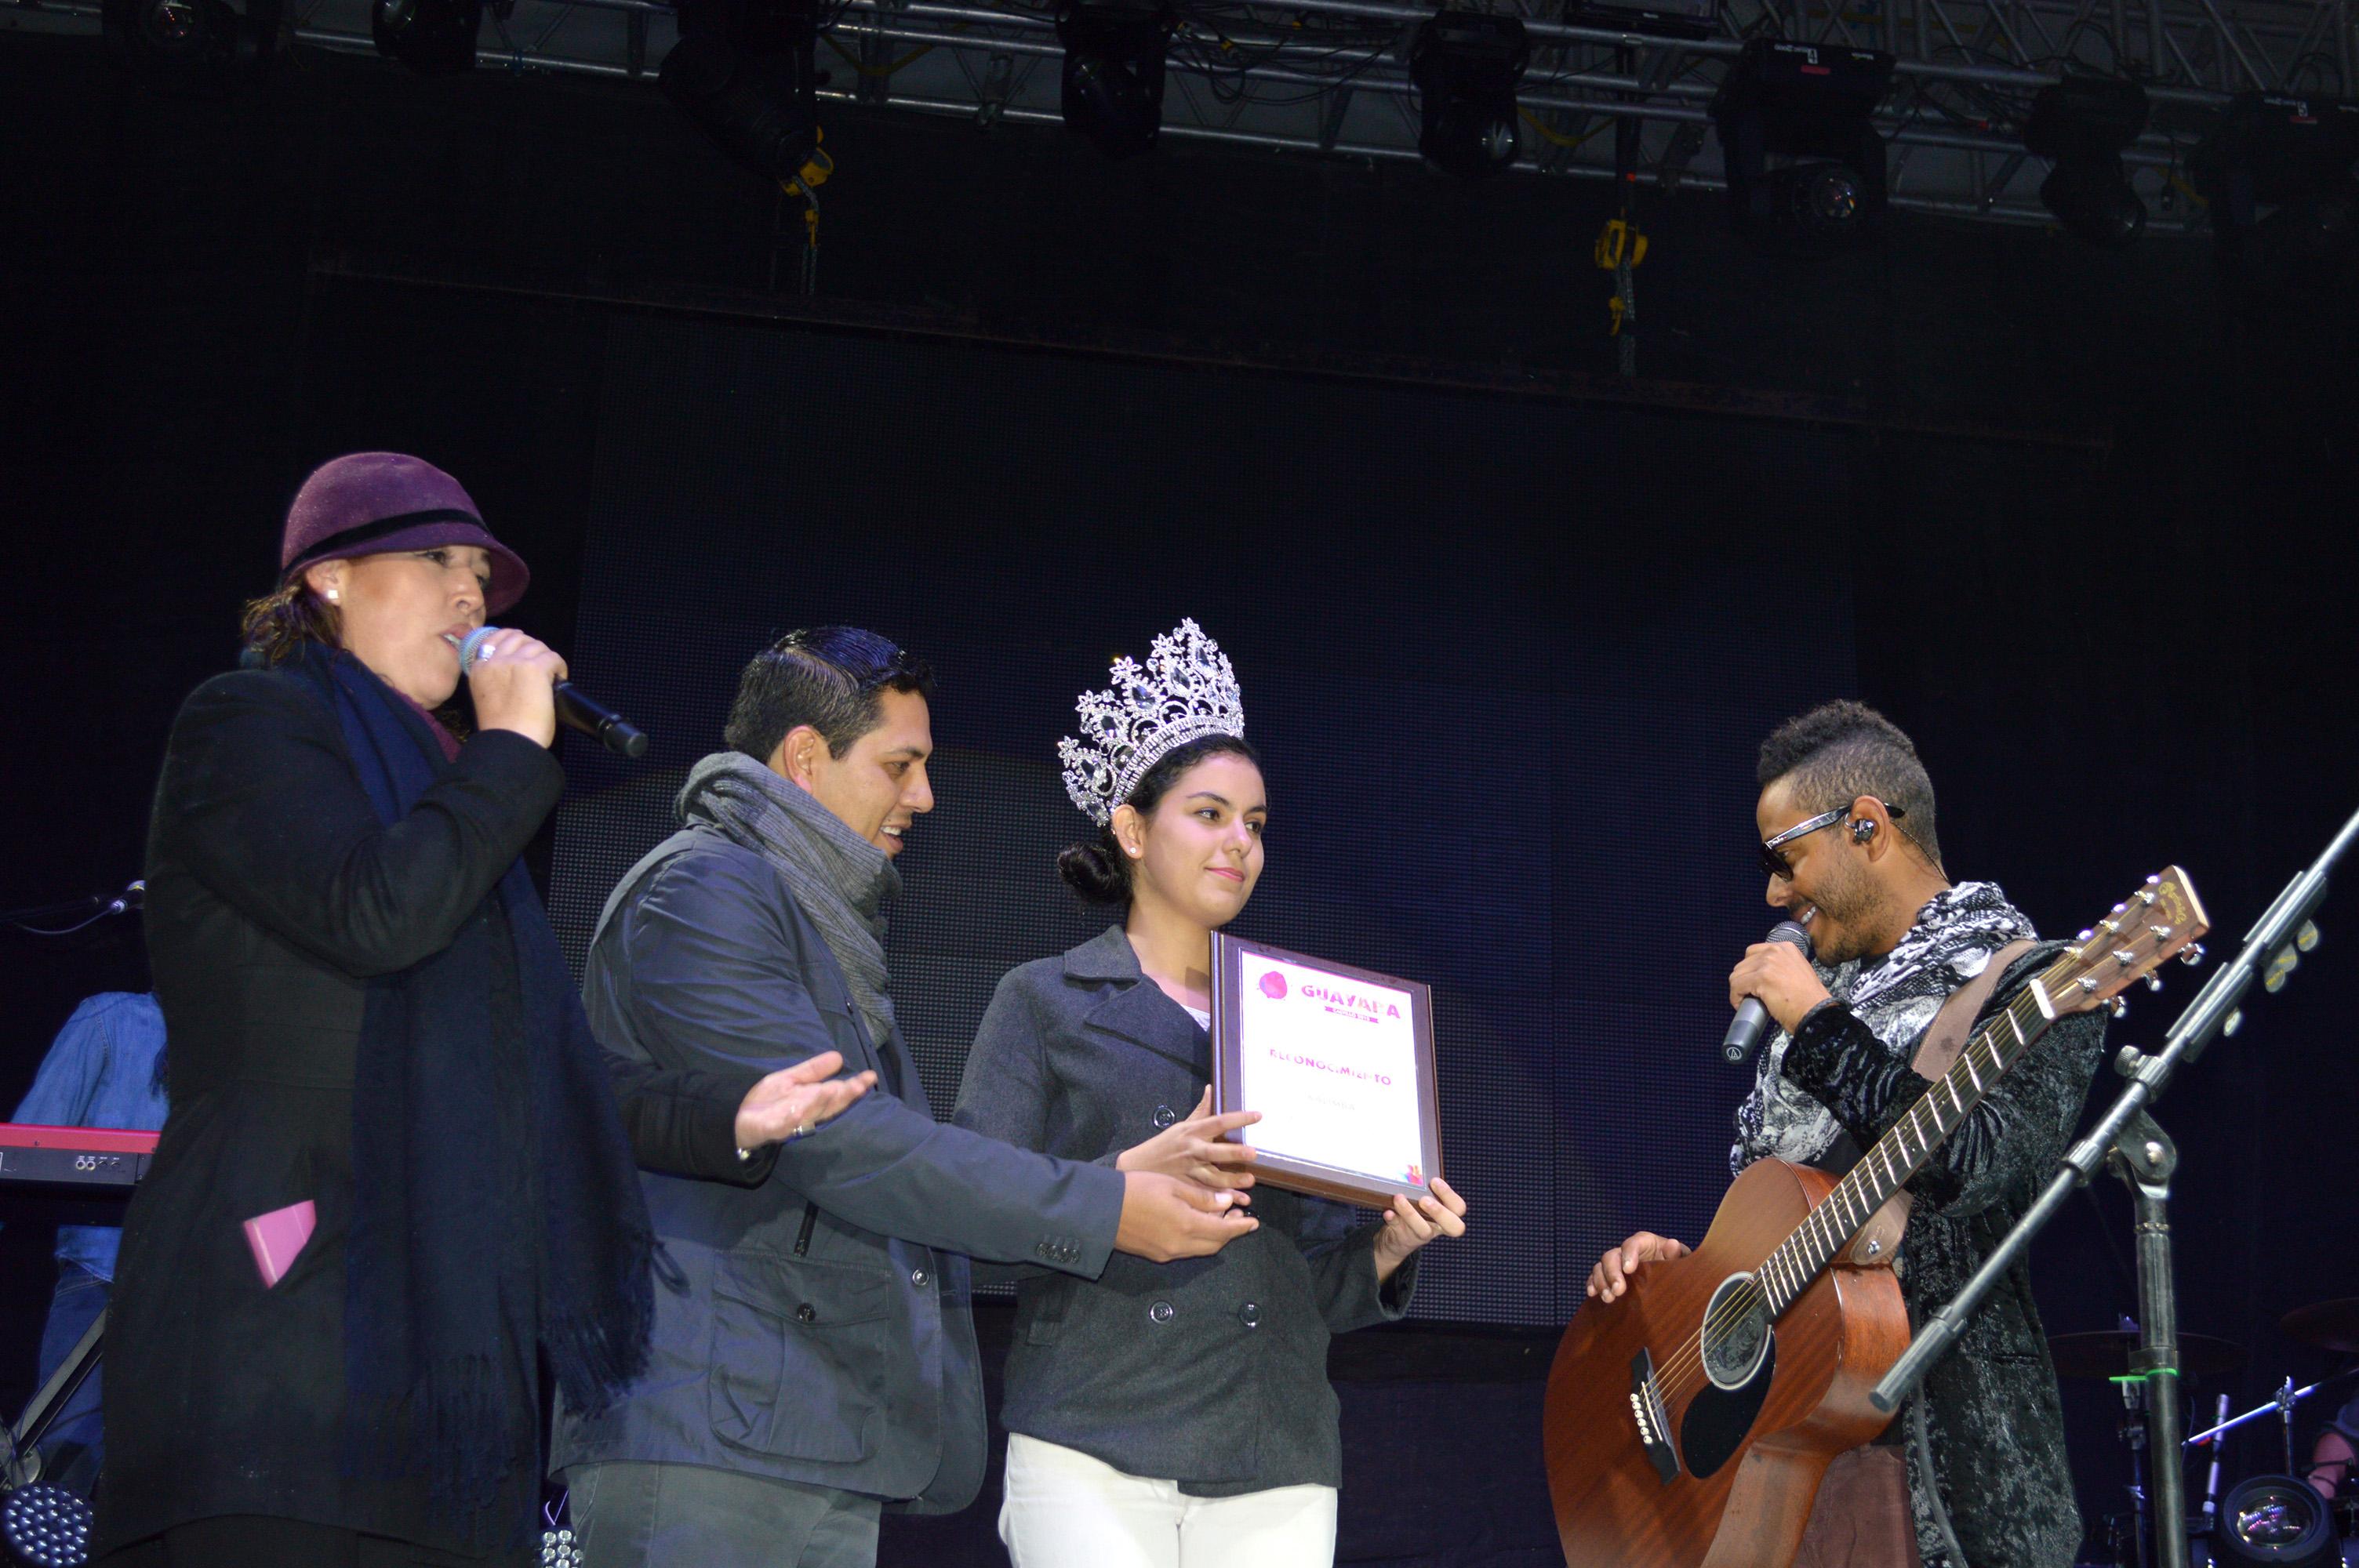 Presentación de Kalimba en la Feria de la Guaya #Calvillo 2015